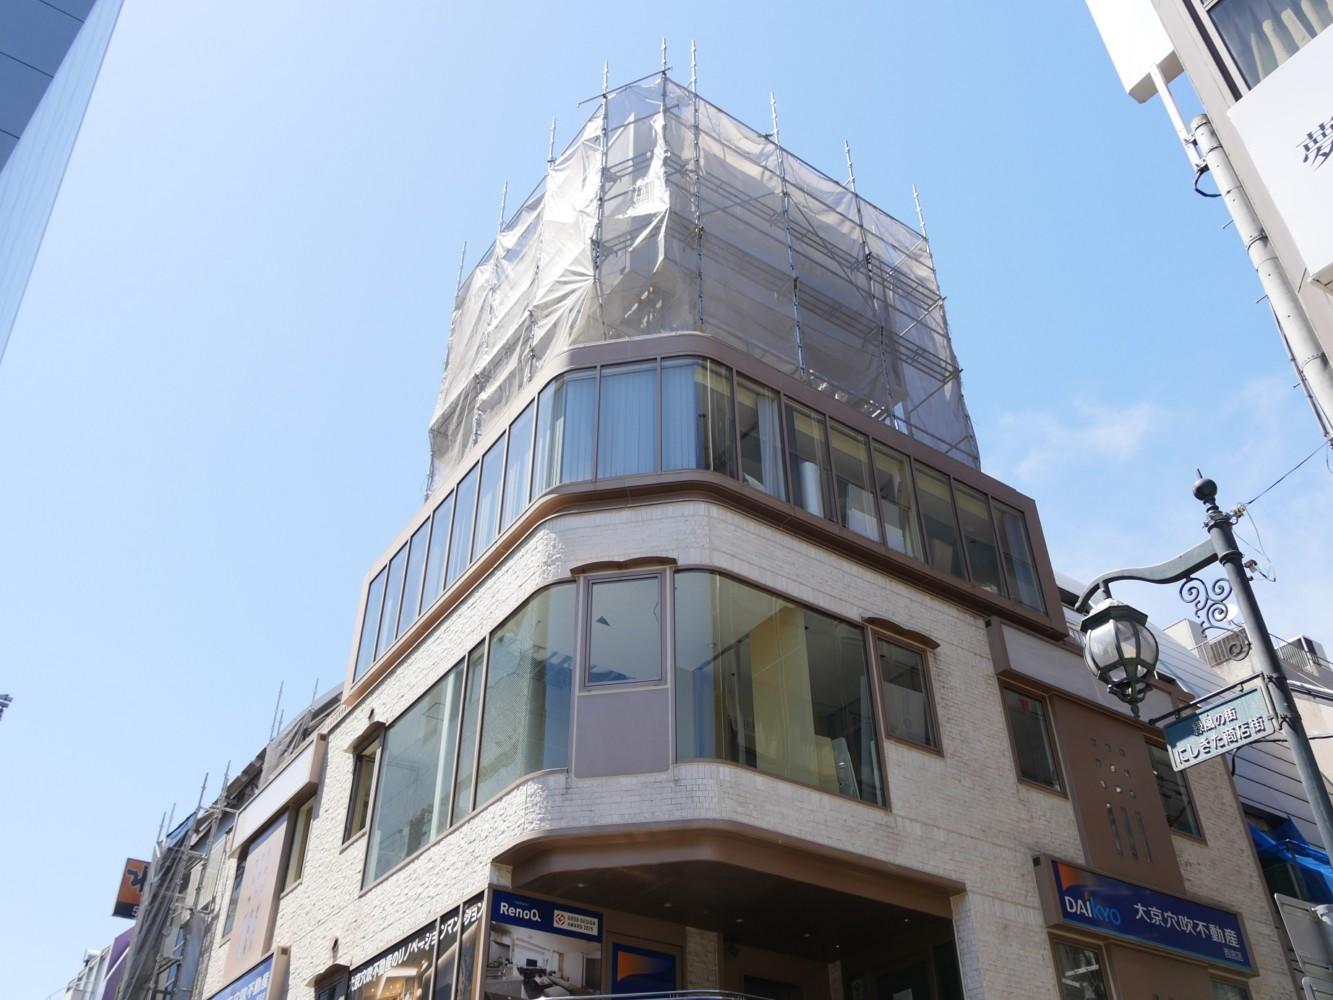 ミニミニや大京穴吹不動産が入っている不二屋ビル3・4階に、河合塾マナビスの西宮北口校がオープン。